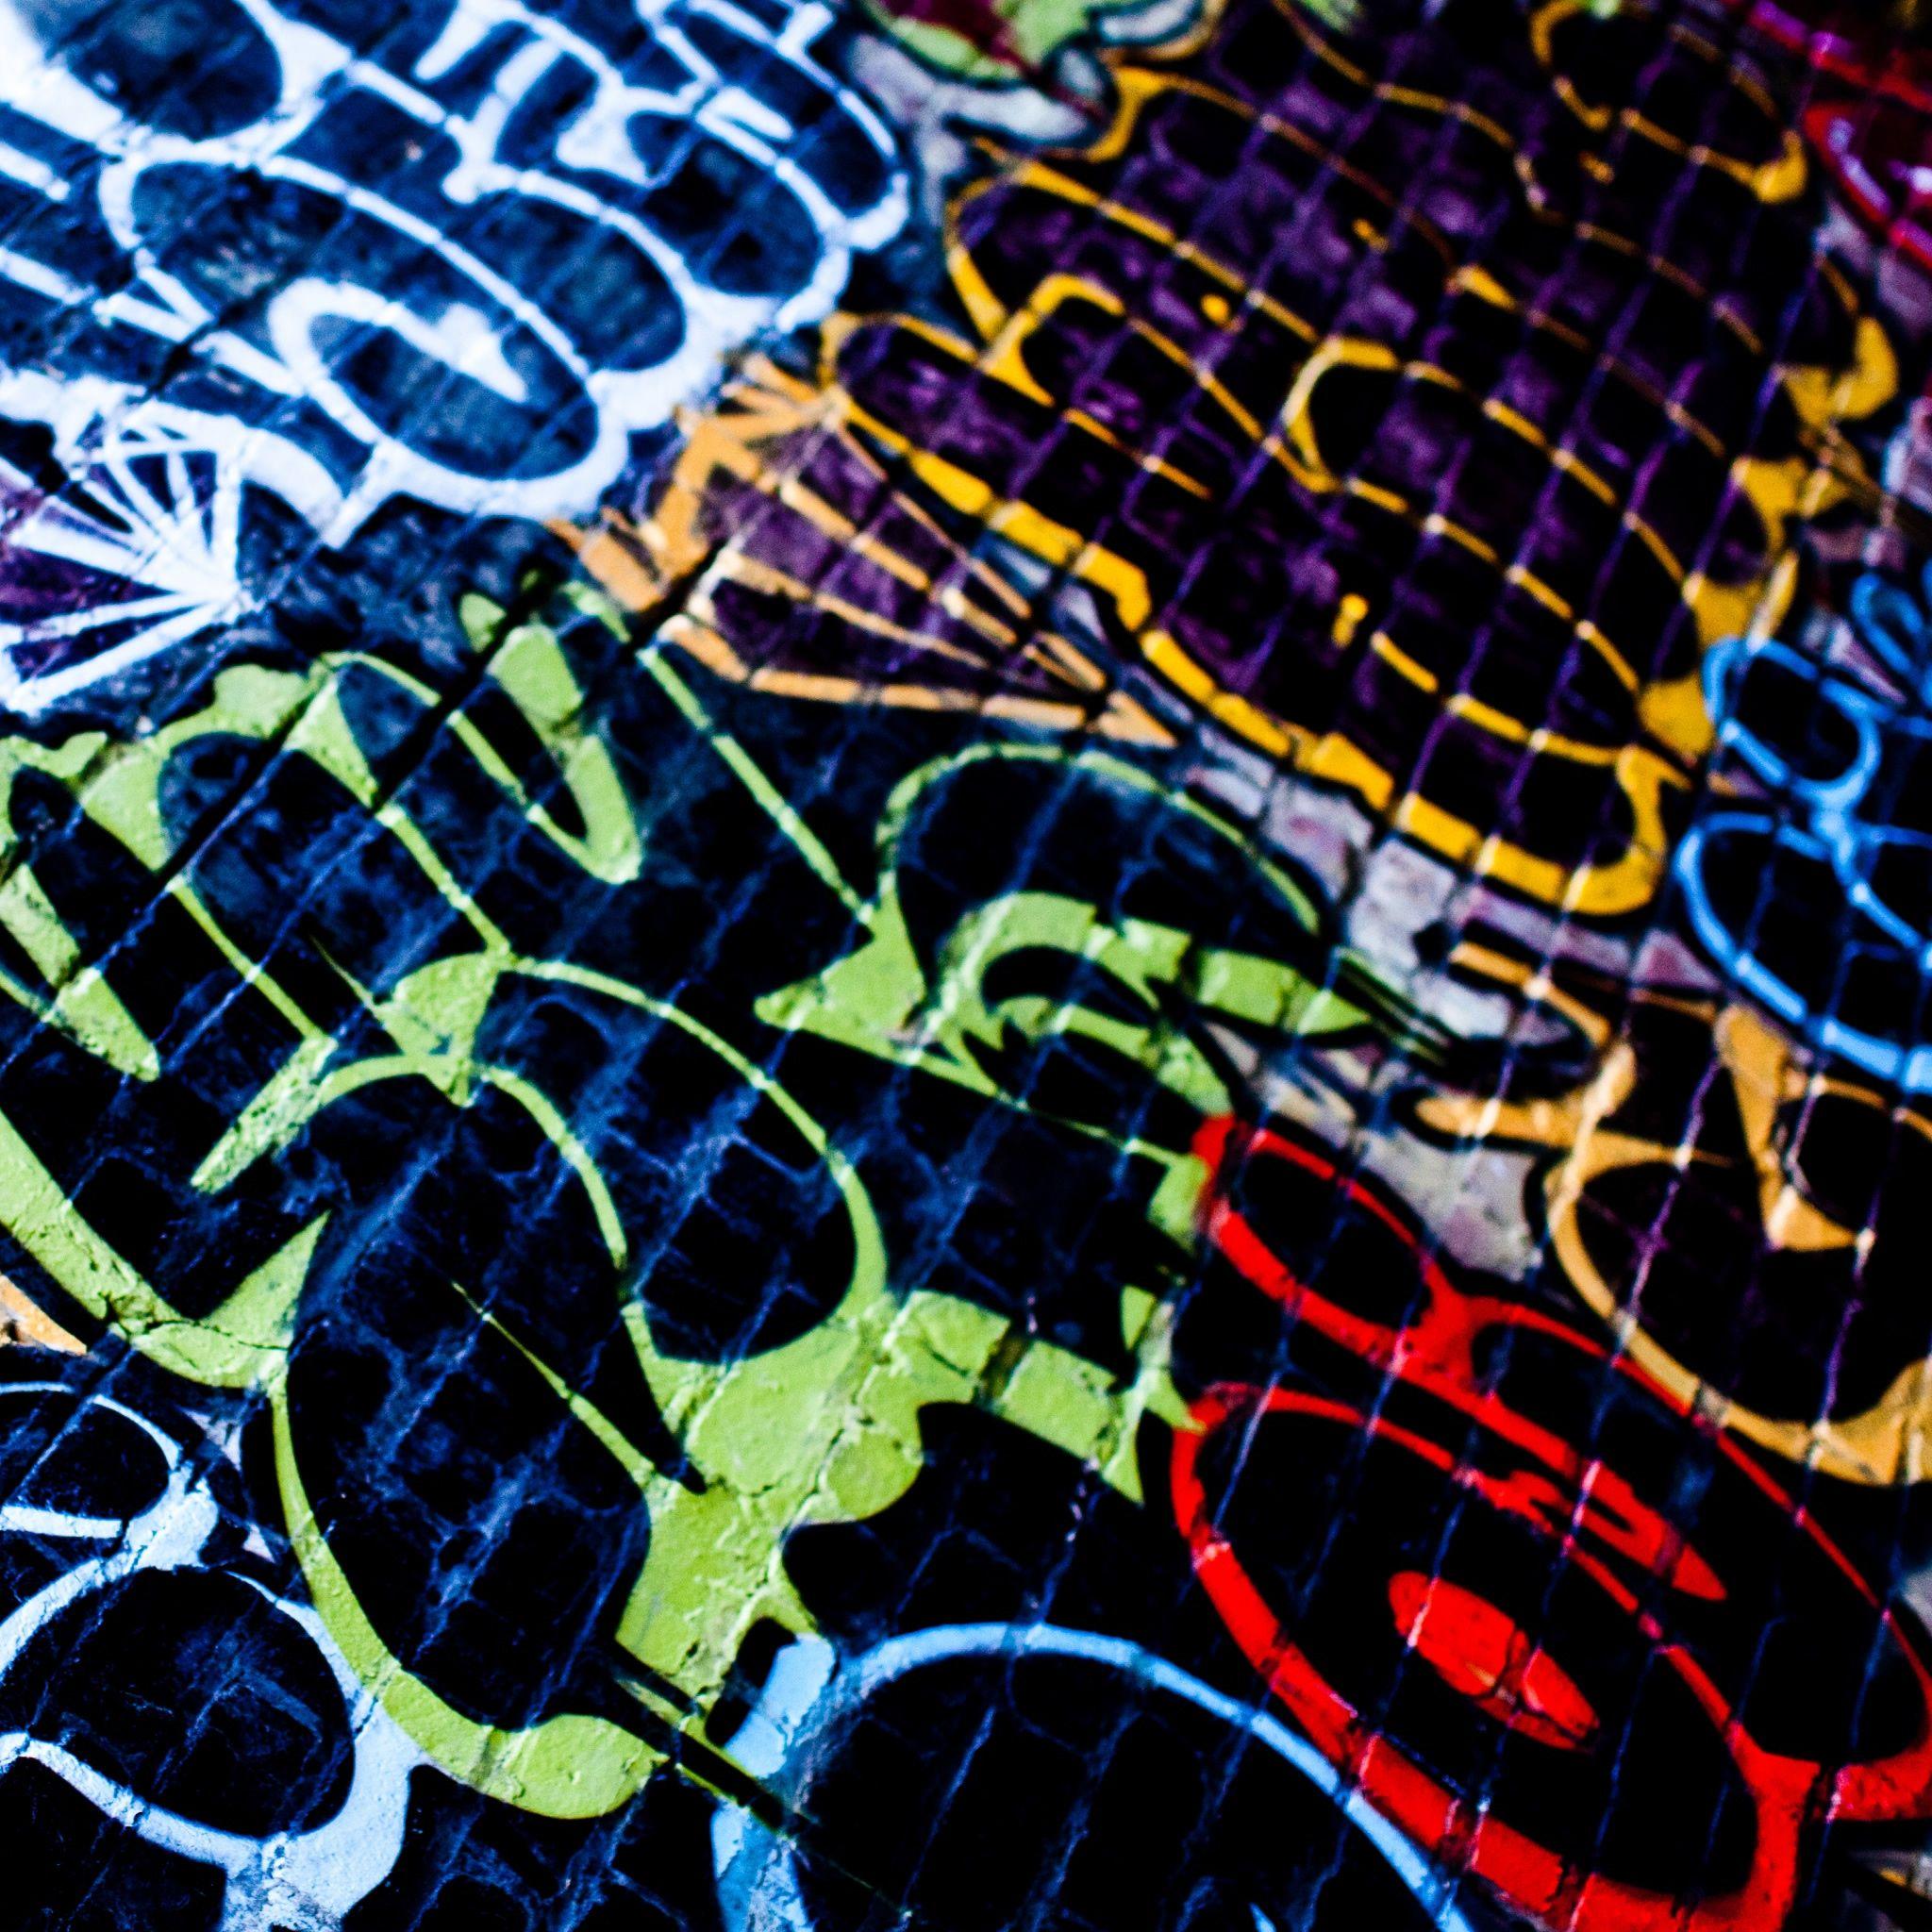 graffiti wallpaper designs - photo #34